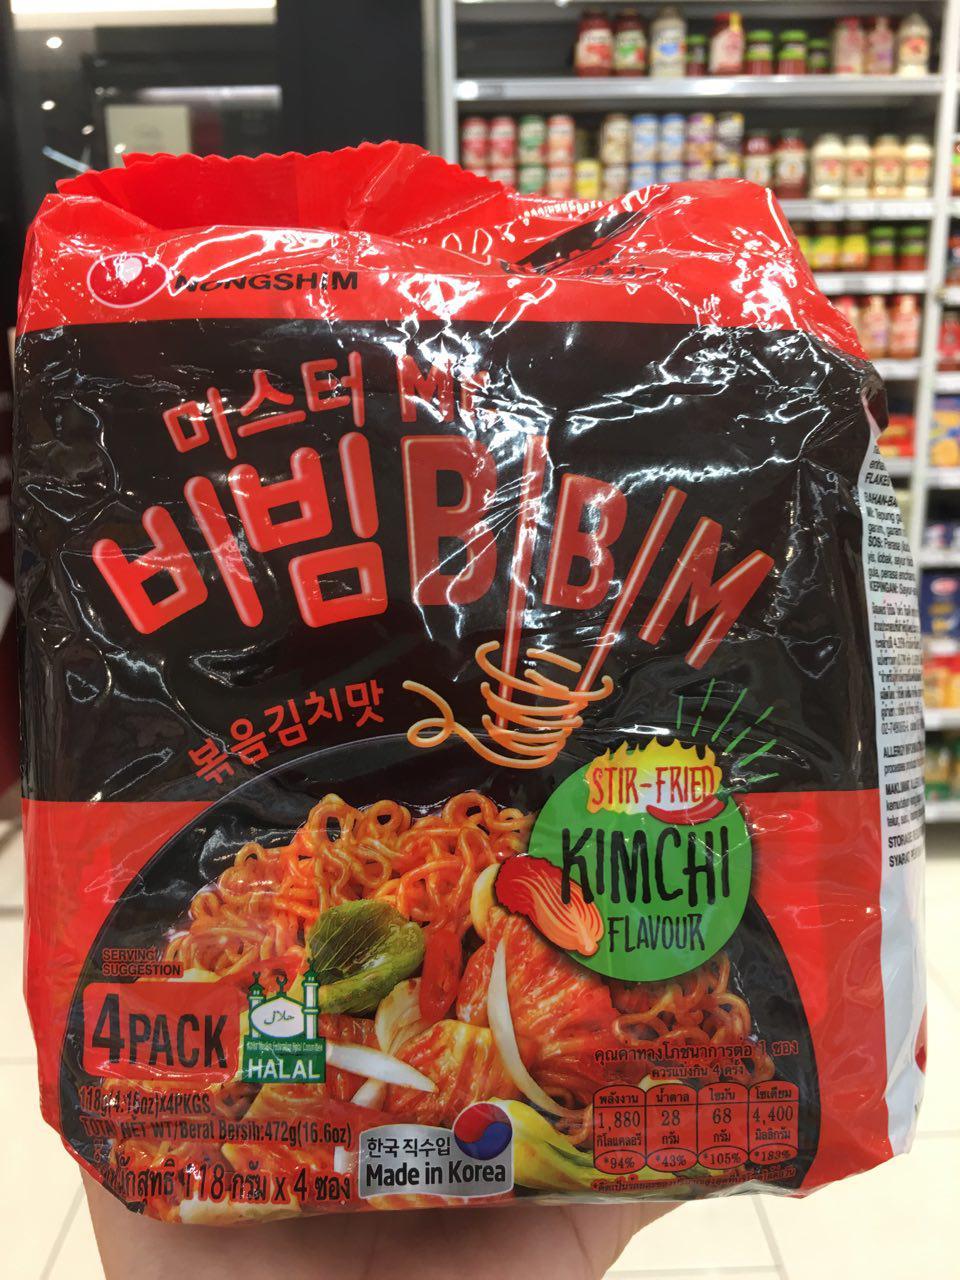 Halal Kimchi Flavoured Samyang Noodles